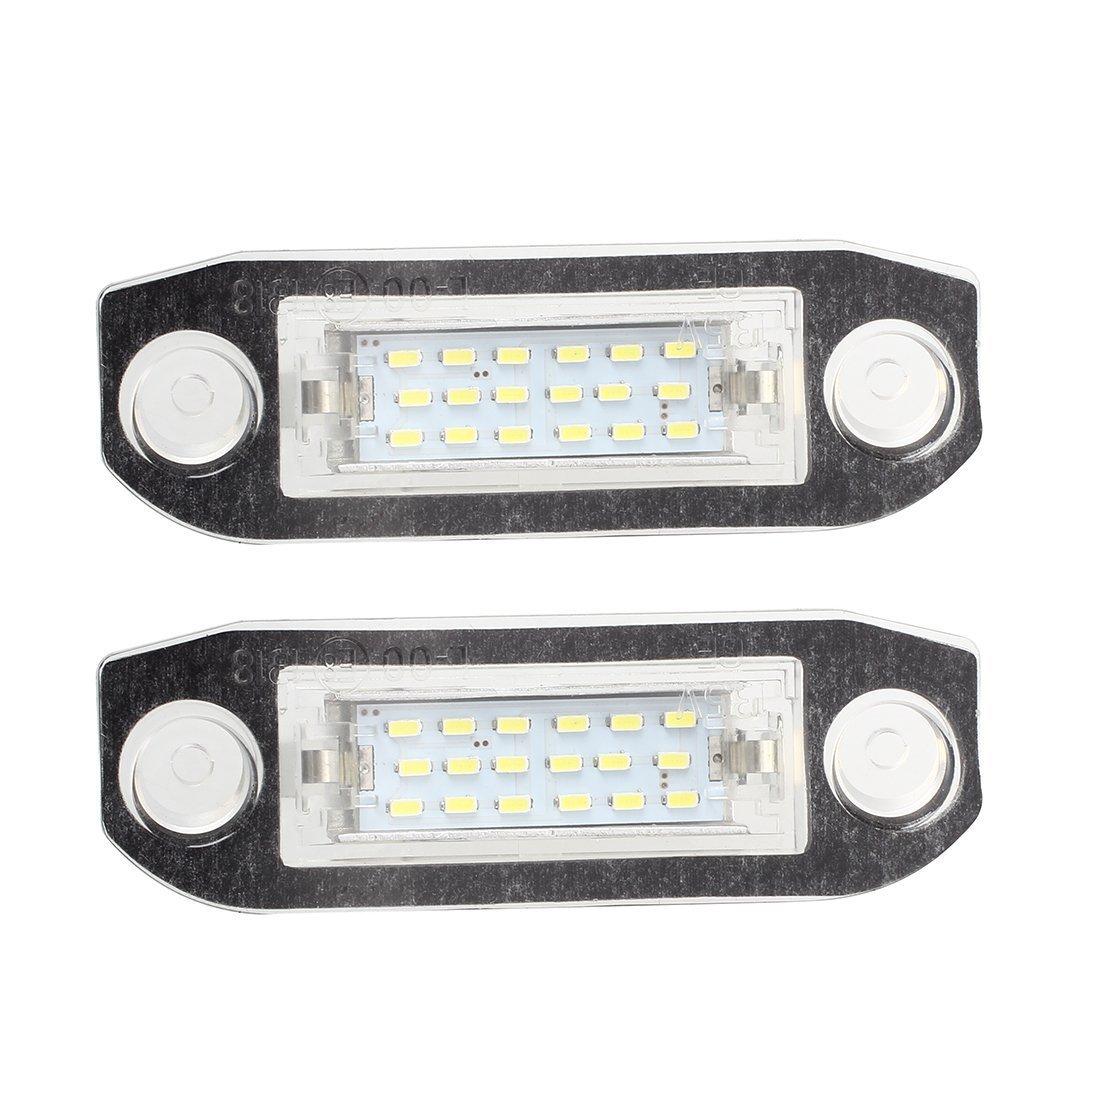 License Number Plate LED Light - TOOGOO(R) License Number Plate LED Light White FOR Volvo C70 S40 S60 V50 V60 V70 XC60 XC90 058873